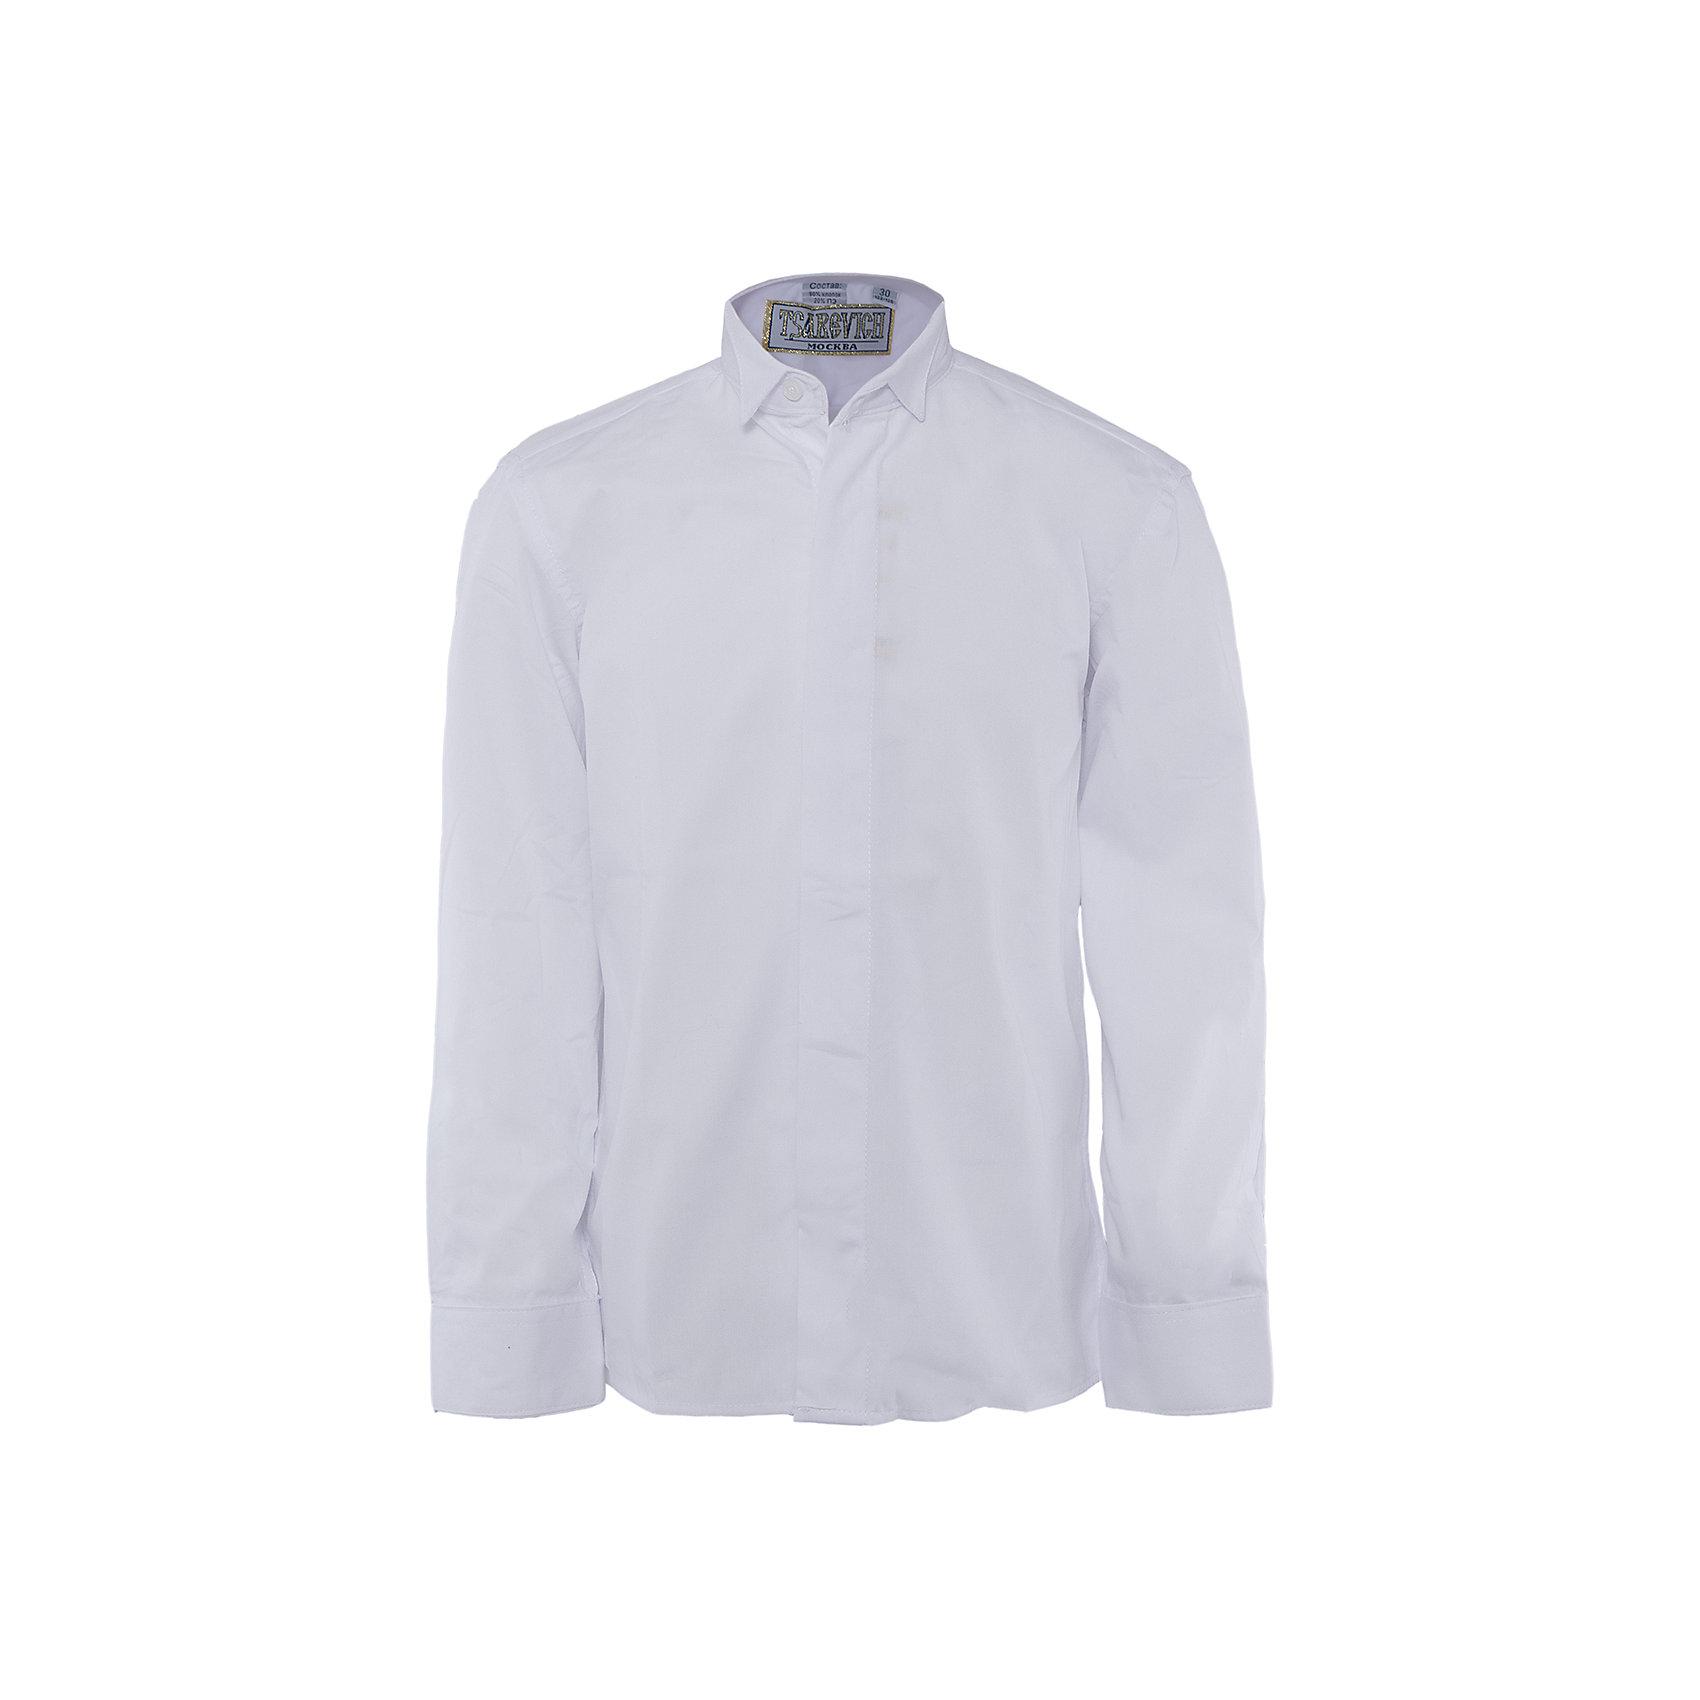 Рубашка для мальчика ImperatorБлузки и рубашки<br>Классическая рубашка - неотьемлемая вещь в гардеробе. Модель на пуговицах, с отложным воротником. Свободный покрой не стеснит движений и позволит чувствовать себя комфортно каждый день.  <br>Состав 55 % хл. 45% П/Э<br><br>Ширина мм: 174<br>Глубина мм: 10<br>Высота мм: 169<br>Вес г: 157<br>Цвет: синий<br>Возраст от месяцев: 168<br>Возраст до месяцев: 180<br>Пол: Мужской<br>Возраст: Детский<br>Размер: 164/170,158/164,152/158,146/152,140/146,134/140,128/134,122/128<br>SKU: 4753863